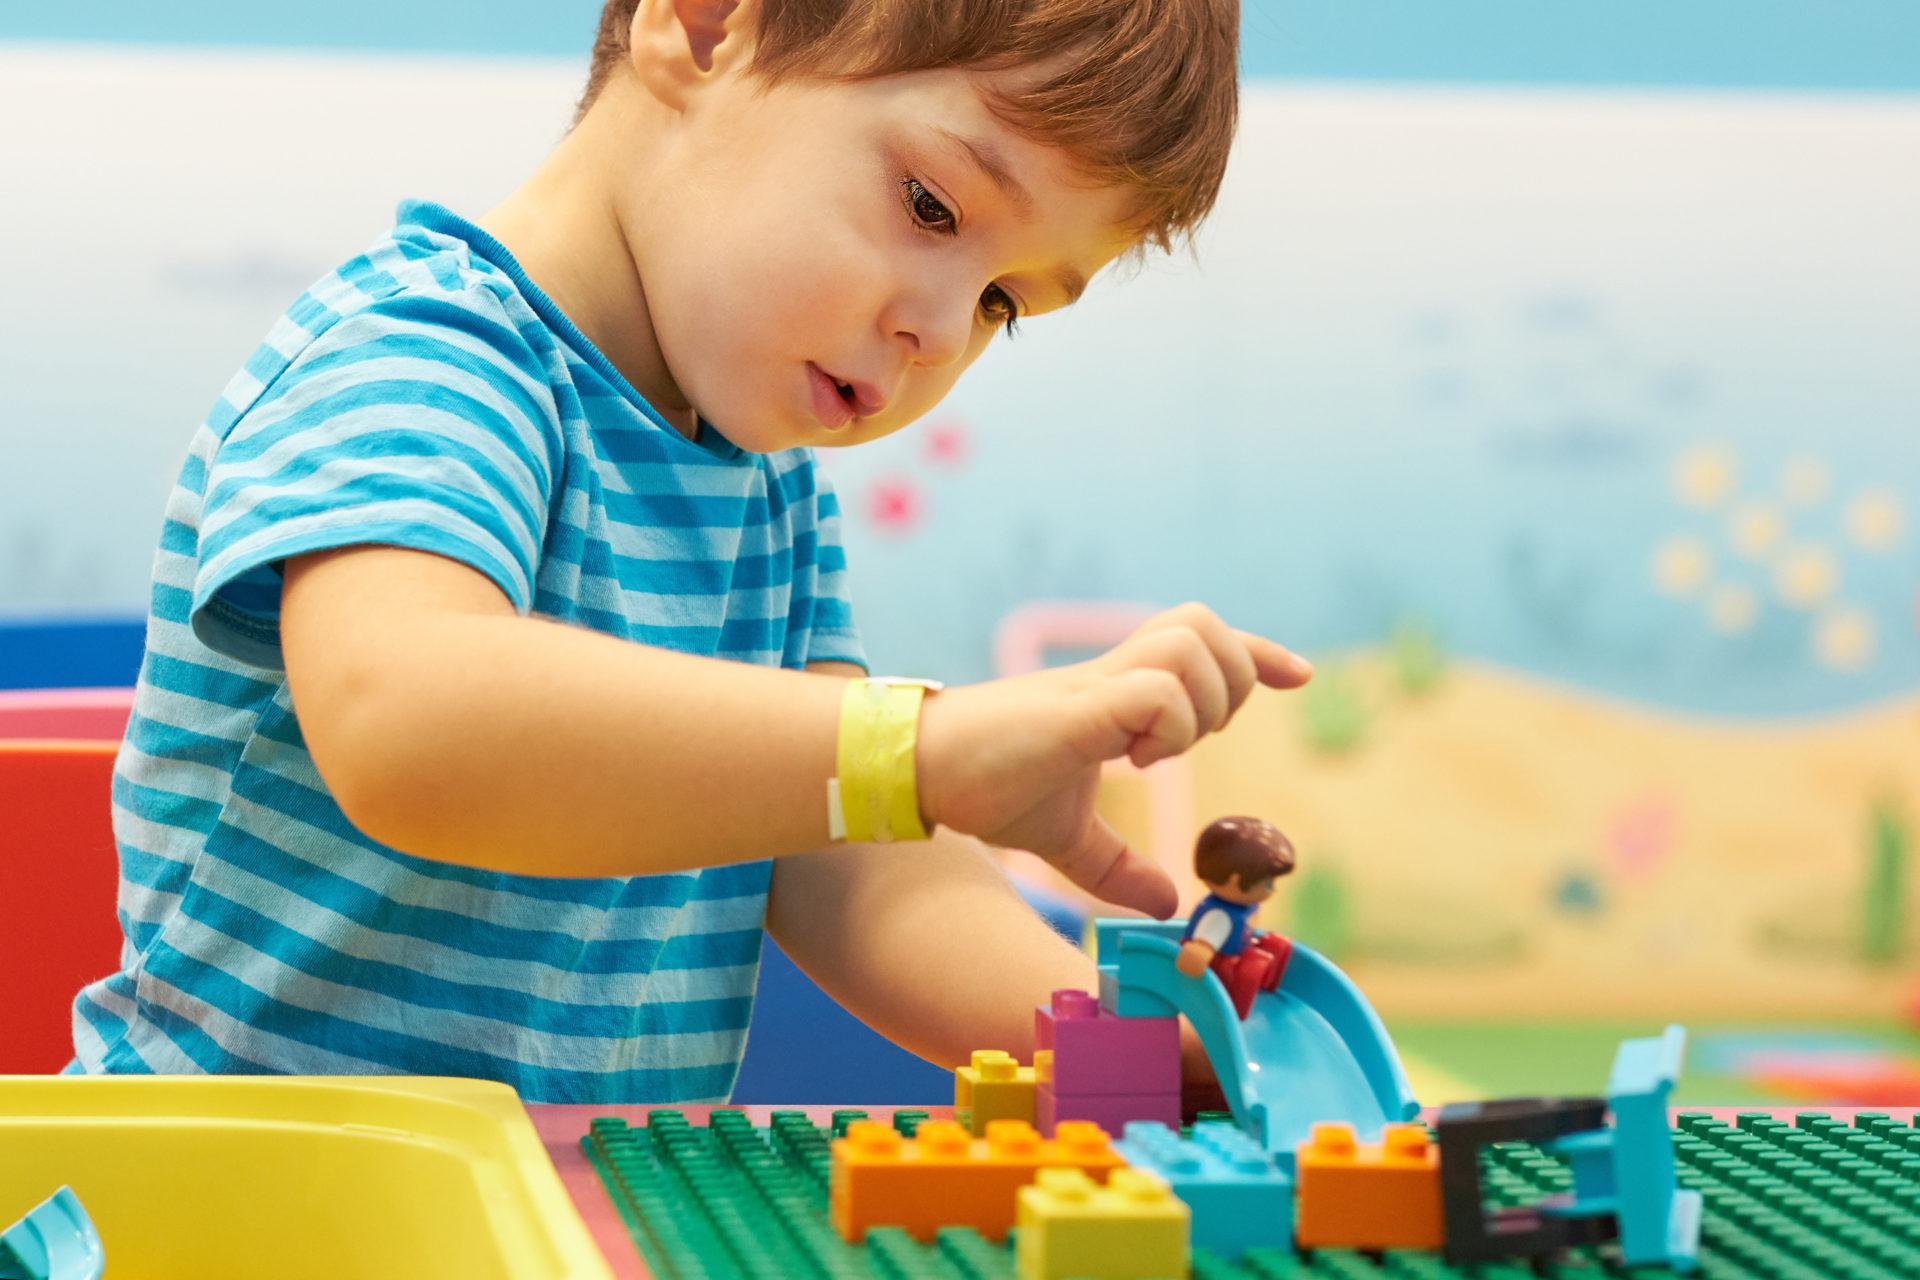 Jeu, Jouet Enfant - Jeu Enfant 2 Ans, 3 Ans, 4 Ans Et 5 Ans pour Jeux Educatif Enfant 2 Ans